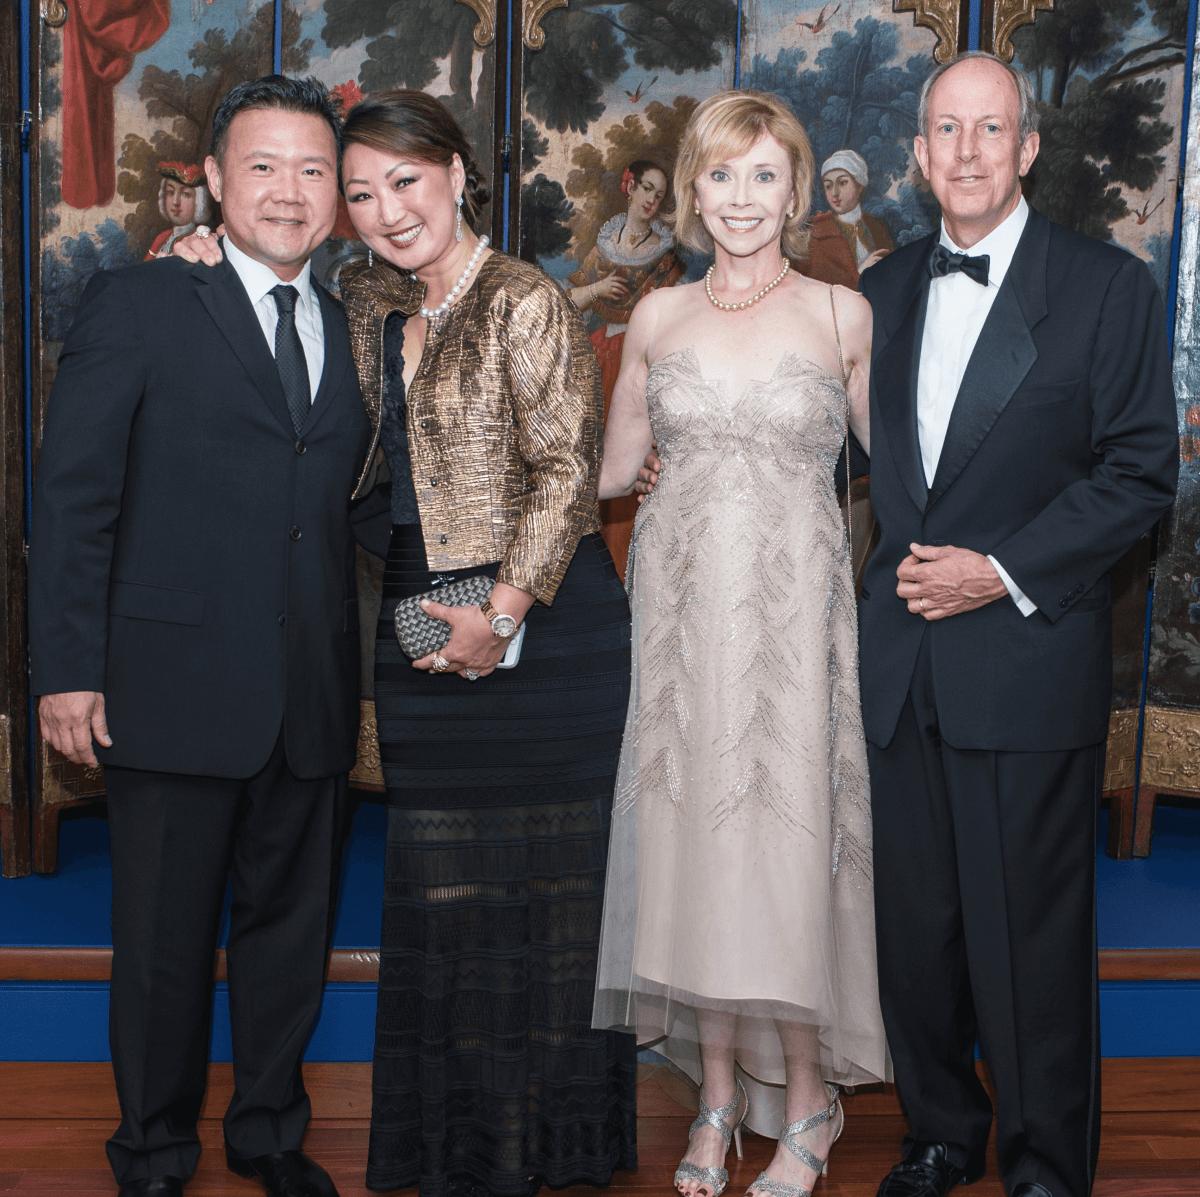 Mike and Marsha Halloran, Sam and Sandra Moon